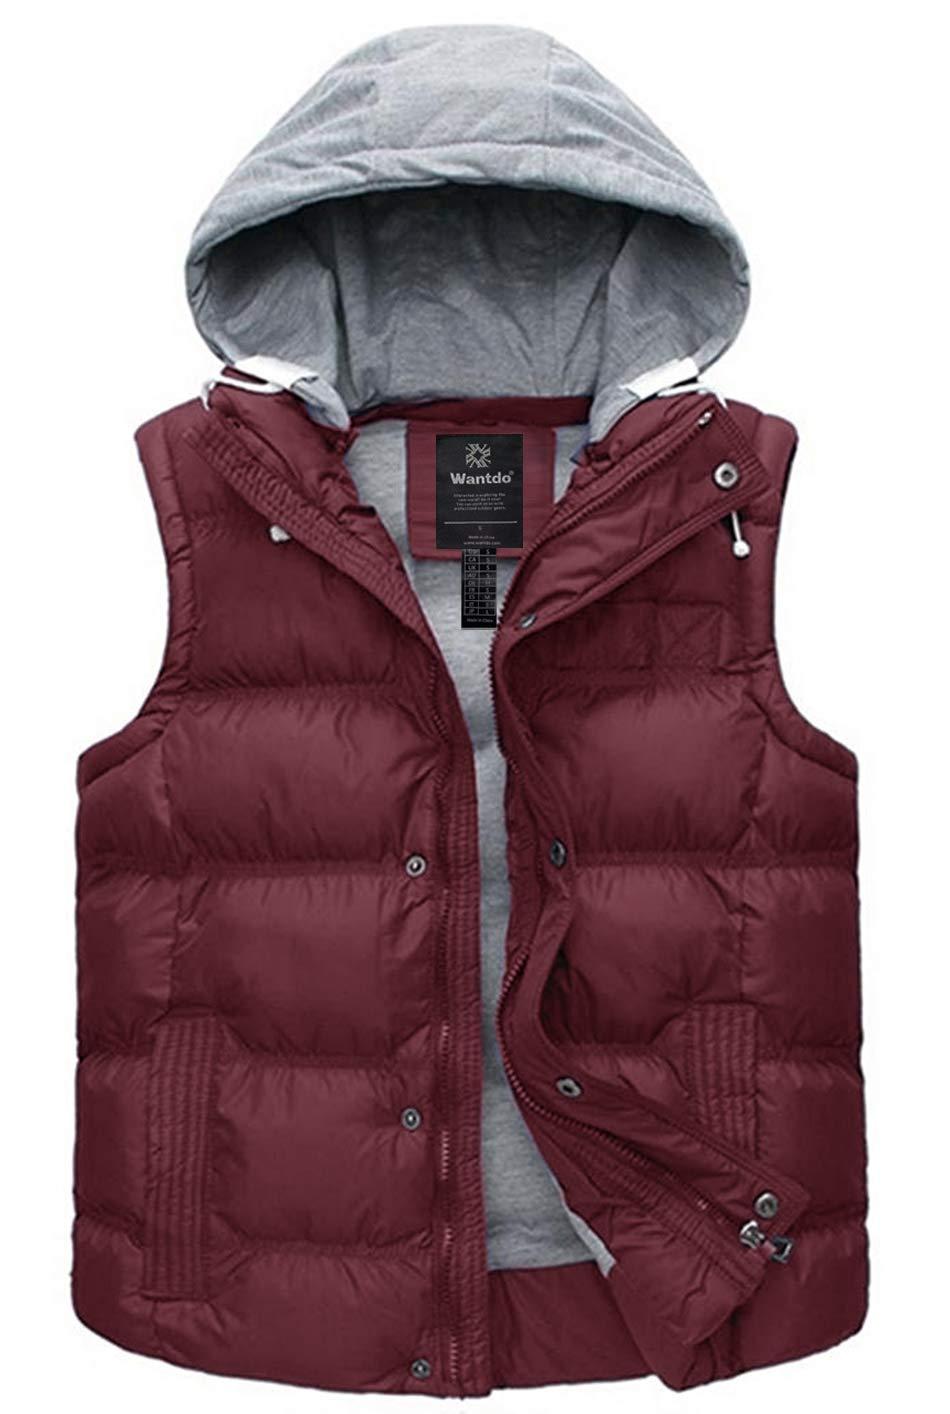 Wantdo Women's Slim Puffer Vest Sleeveless Warm Winter Jacket Wine Red S by Wantdo